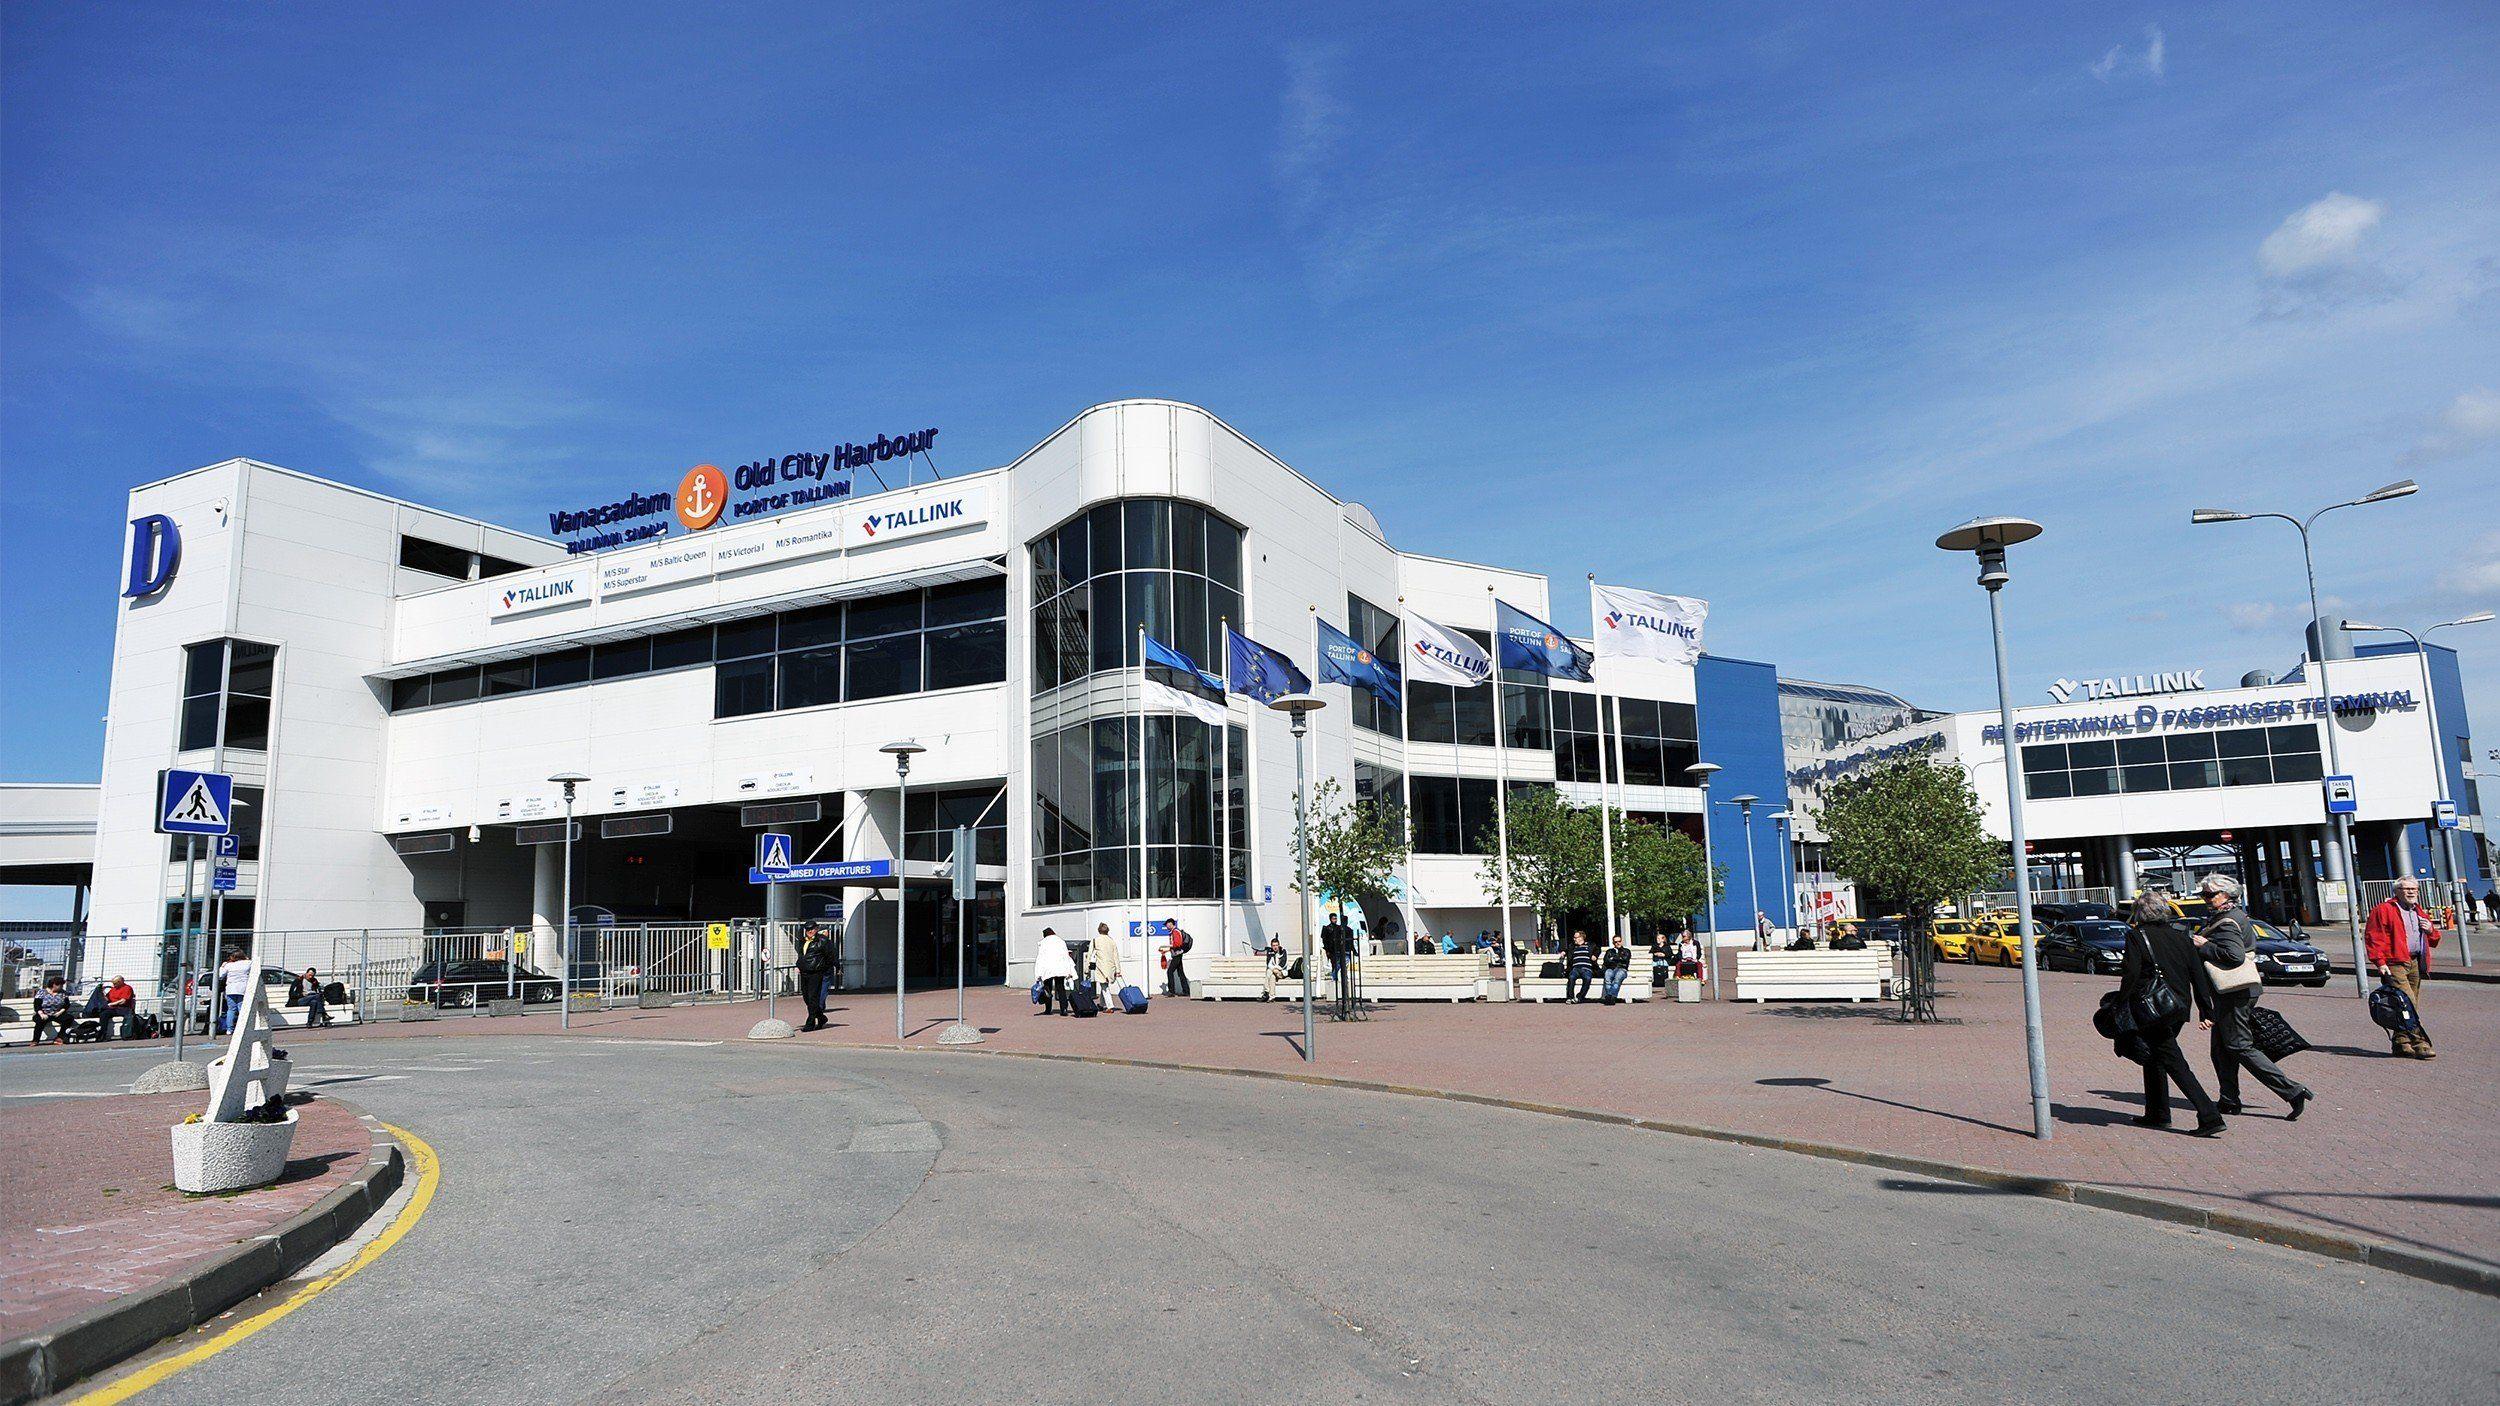 Терминал D Таллинн